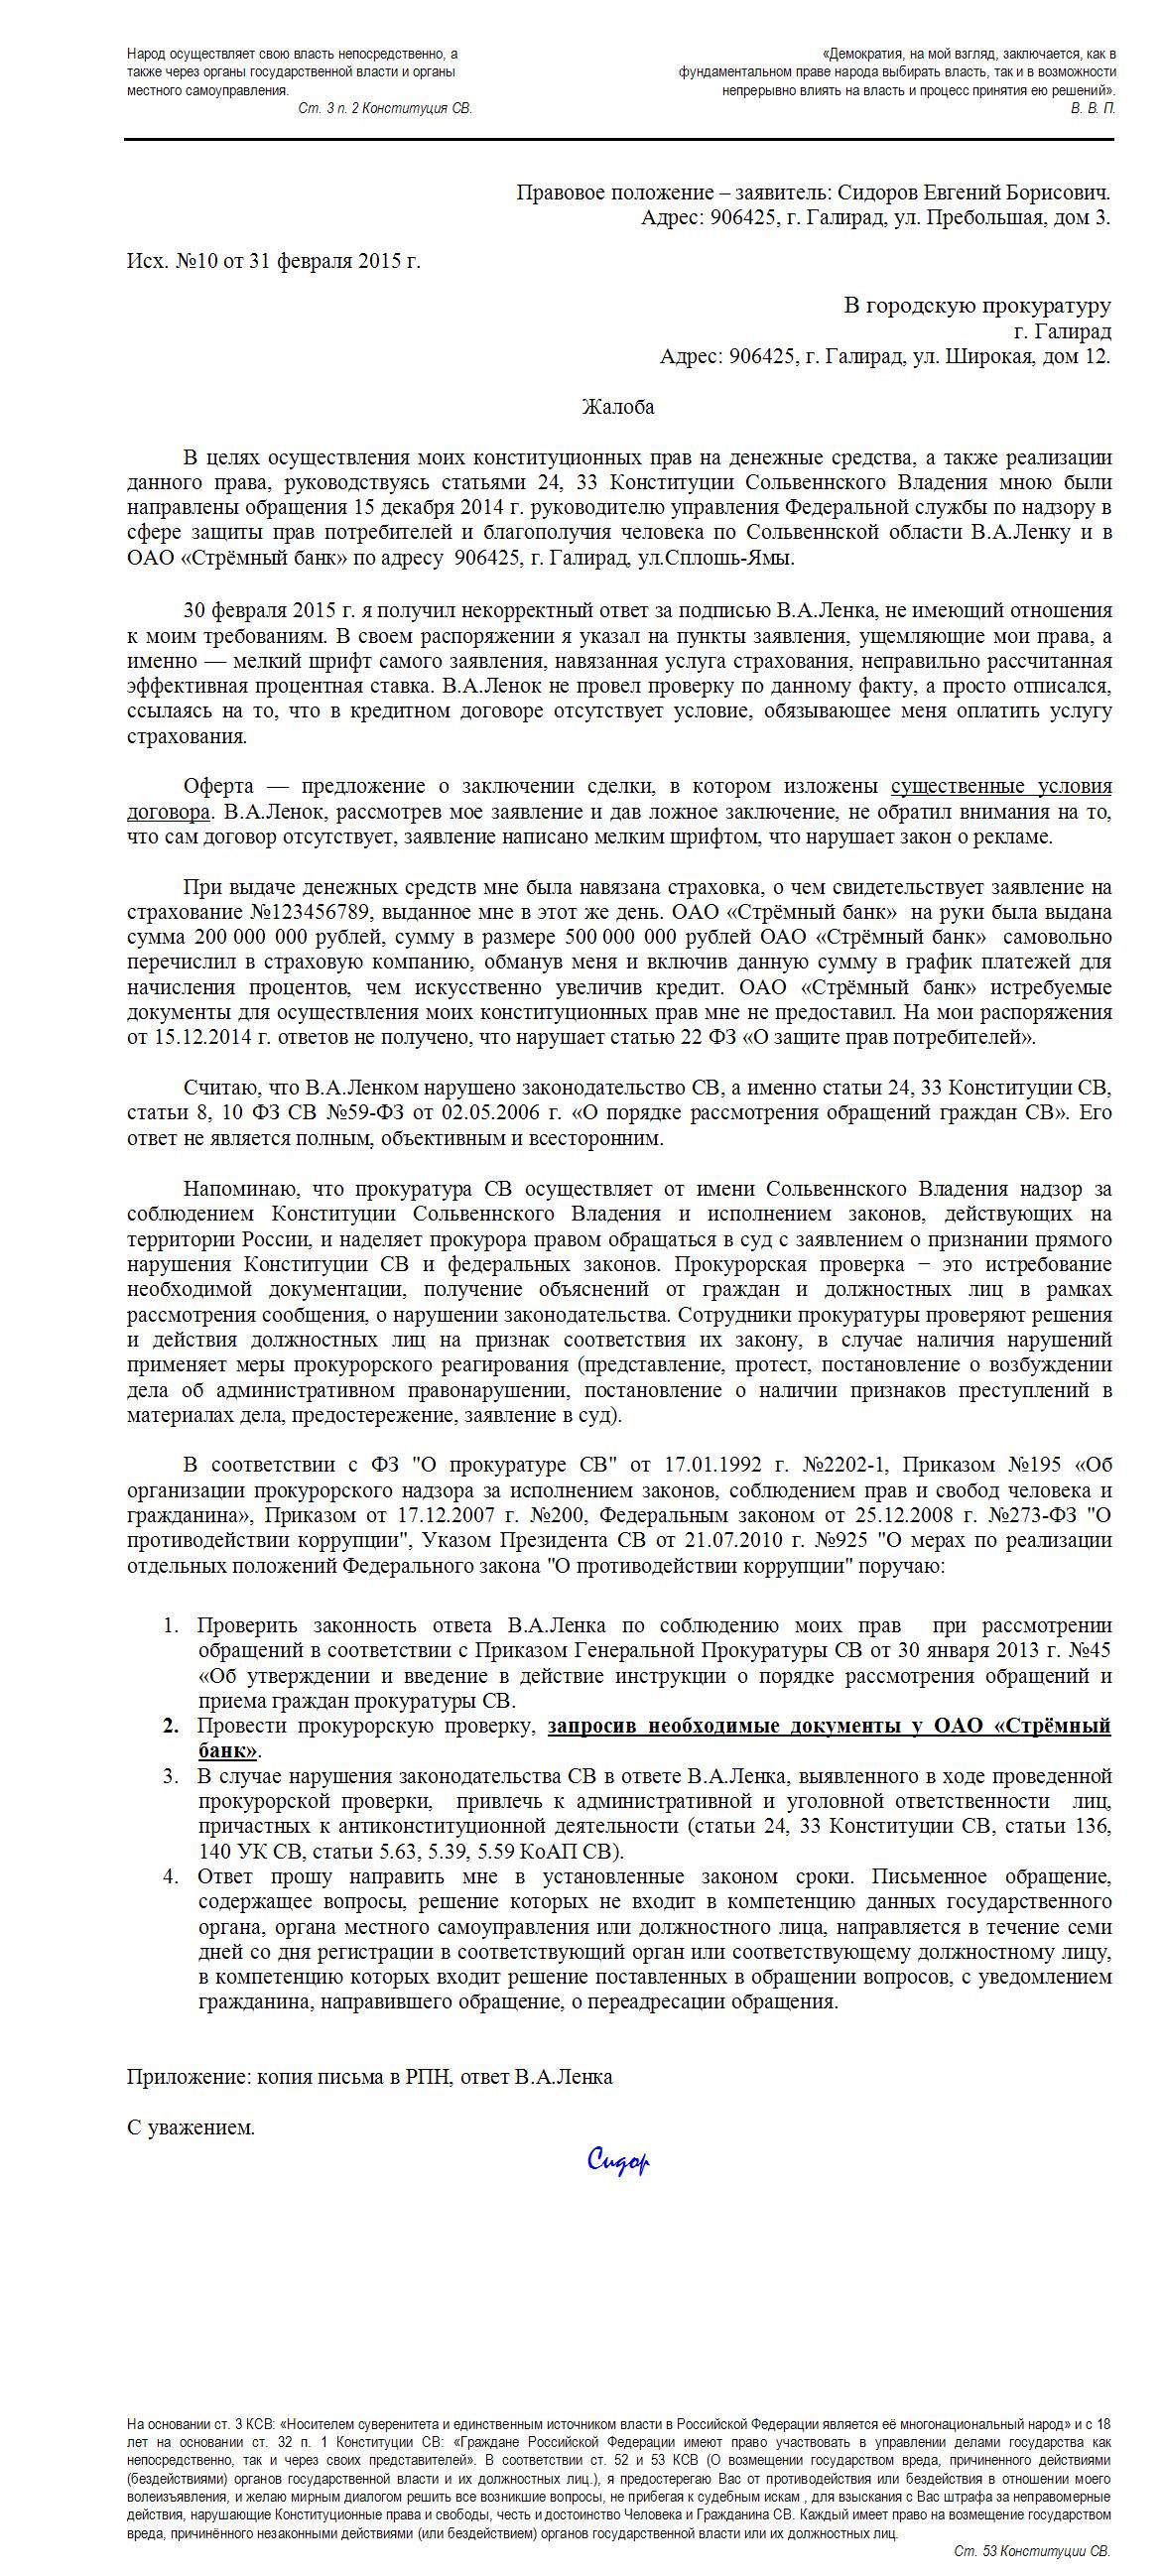 бланк заявления на жалобу в роспотребнадзор